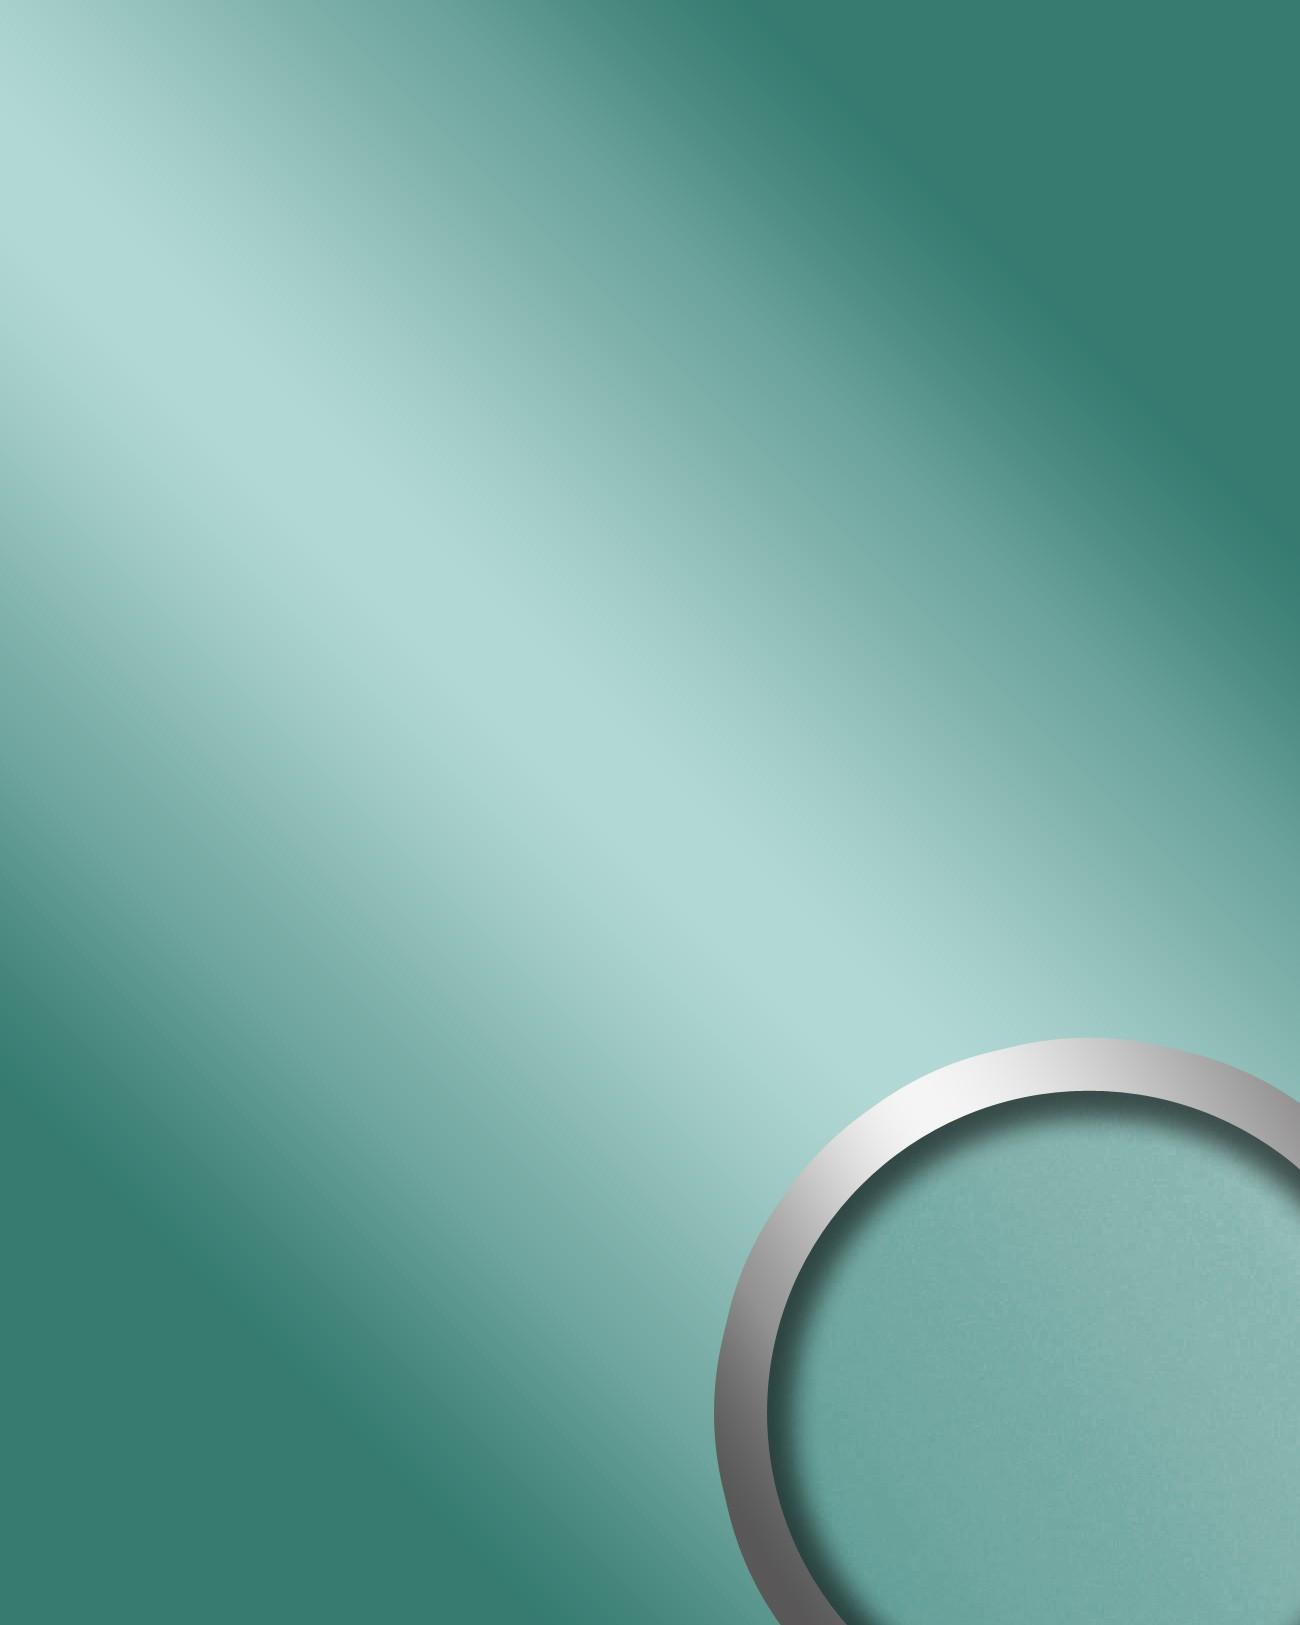 Spiegel Design Wandverkleidung 10262